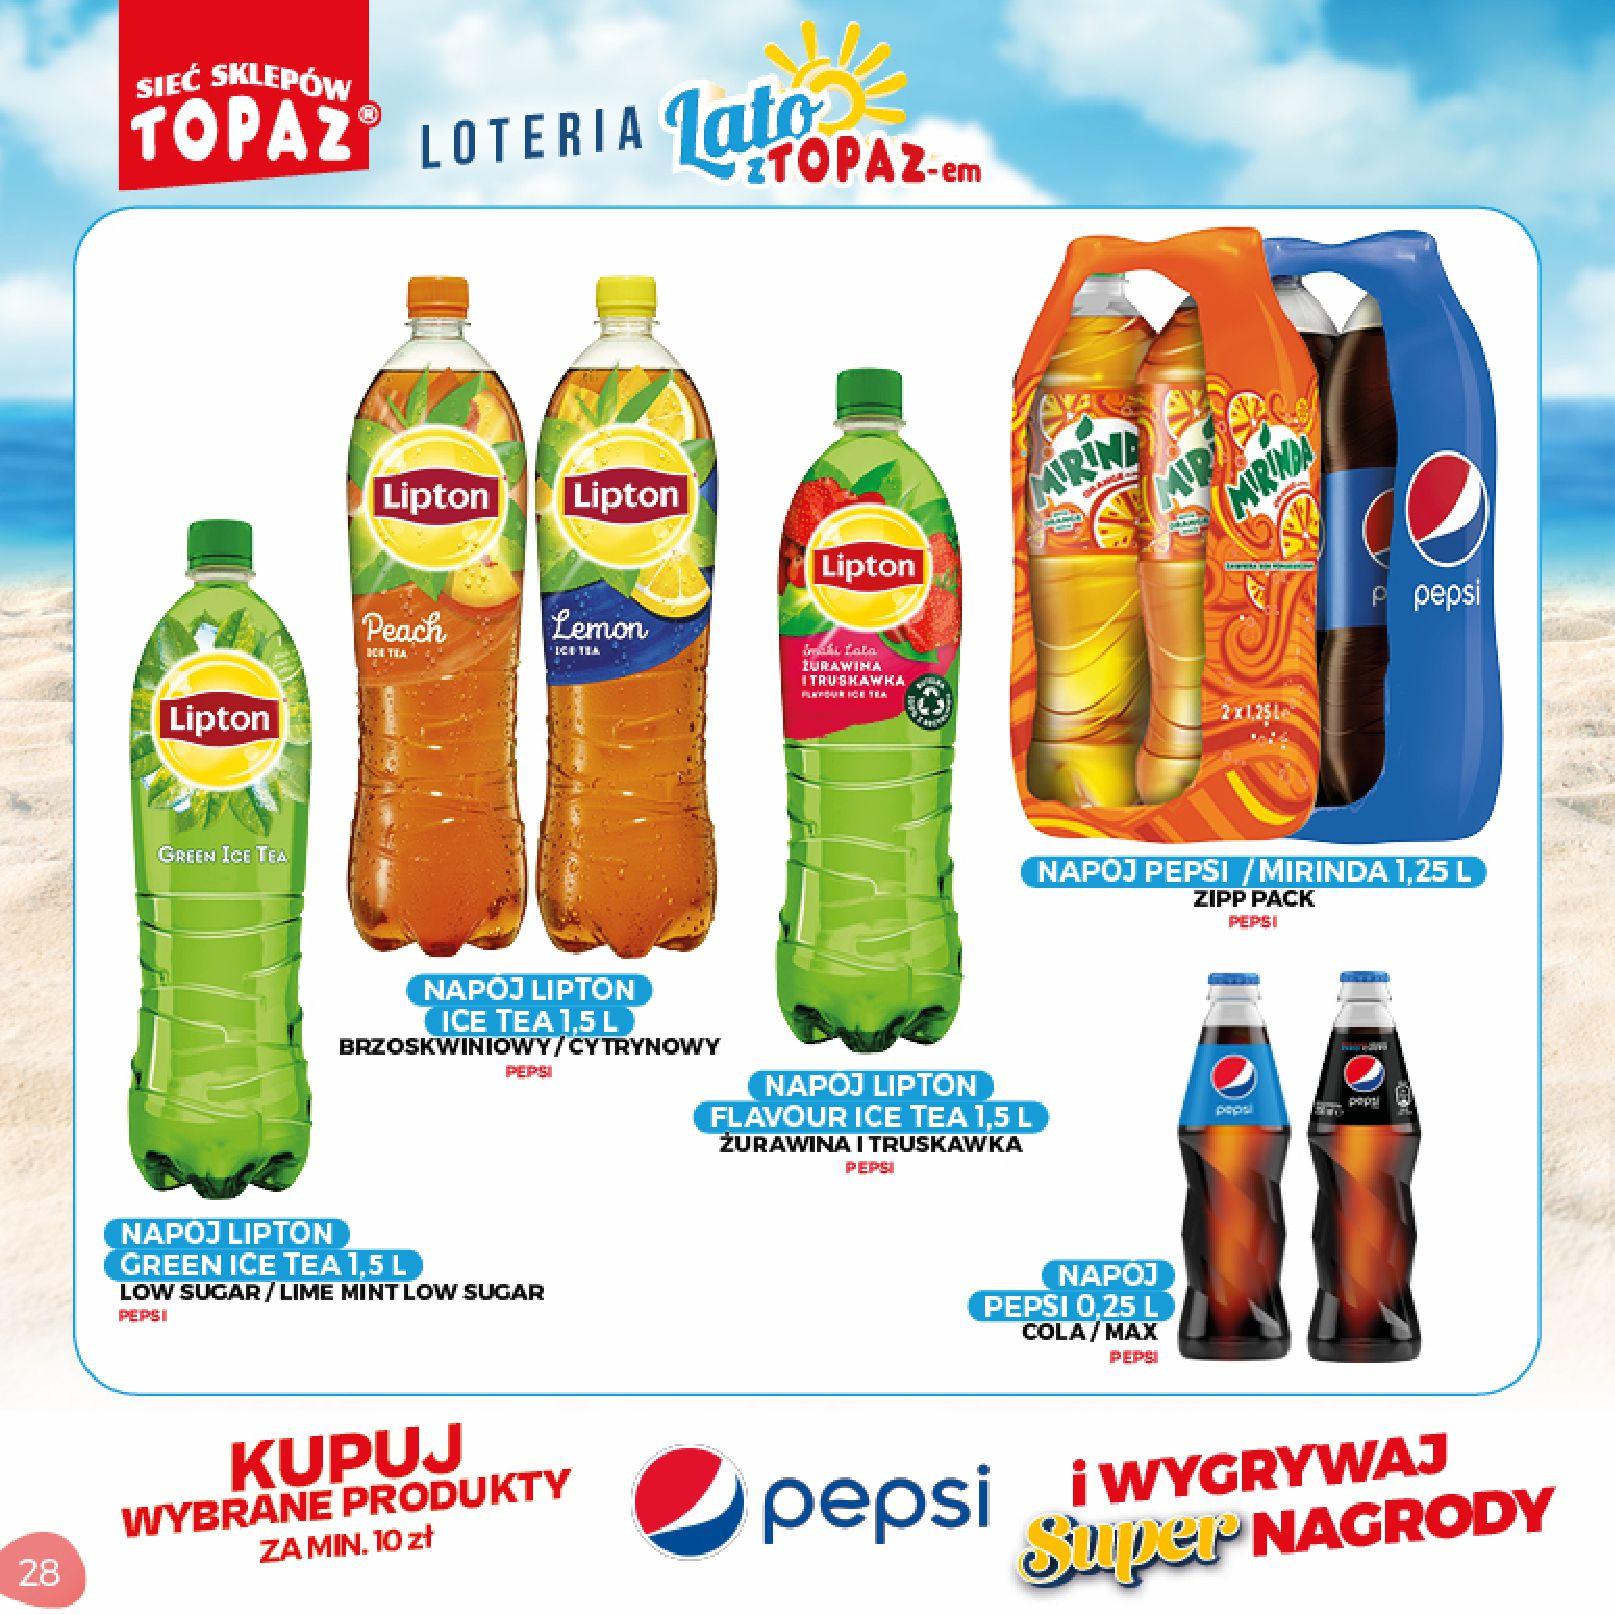 Gazetka TOPAZ: Gazetka TOPAZ - Loteria 2021-07-05 page-28